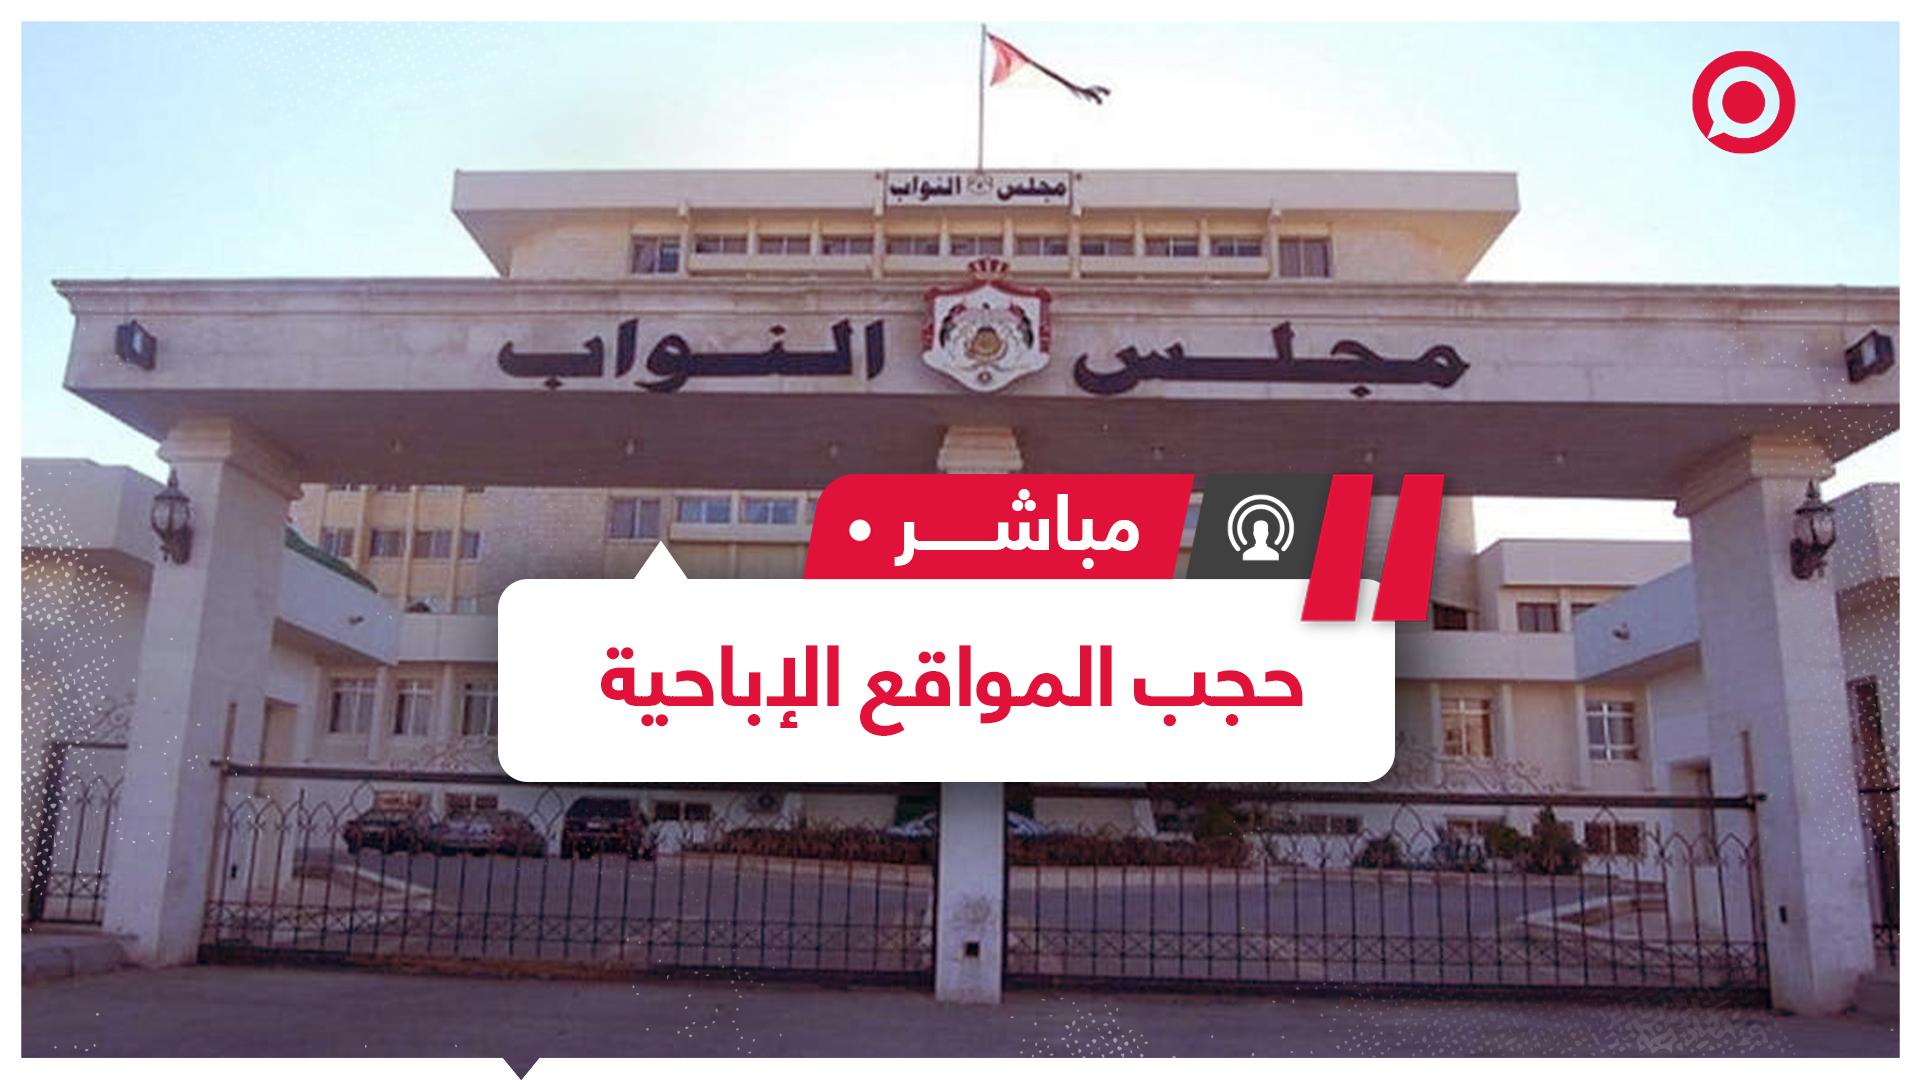 نواب أردنيون يرفعون مذكرة مطالبين بحجب المواقع الإباحية